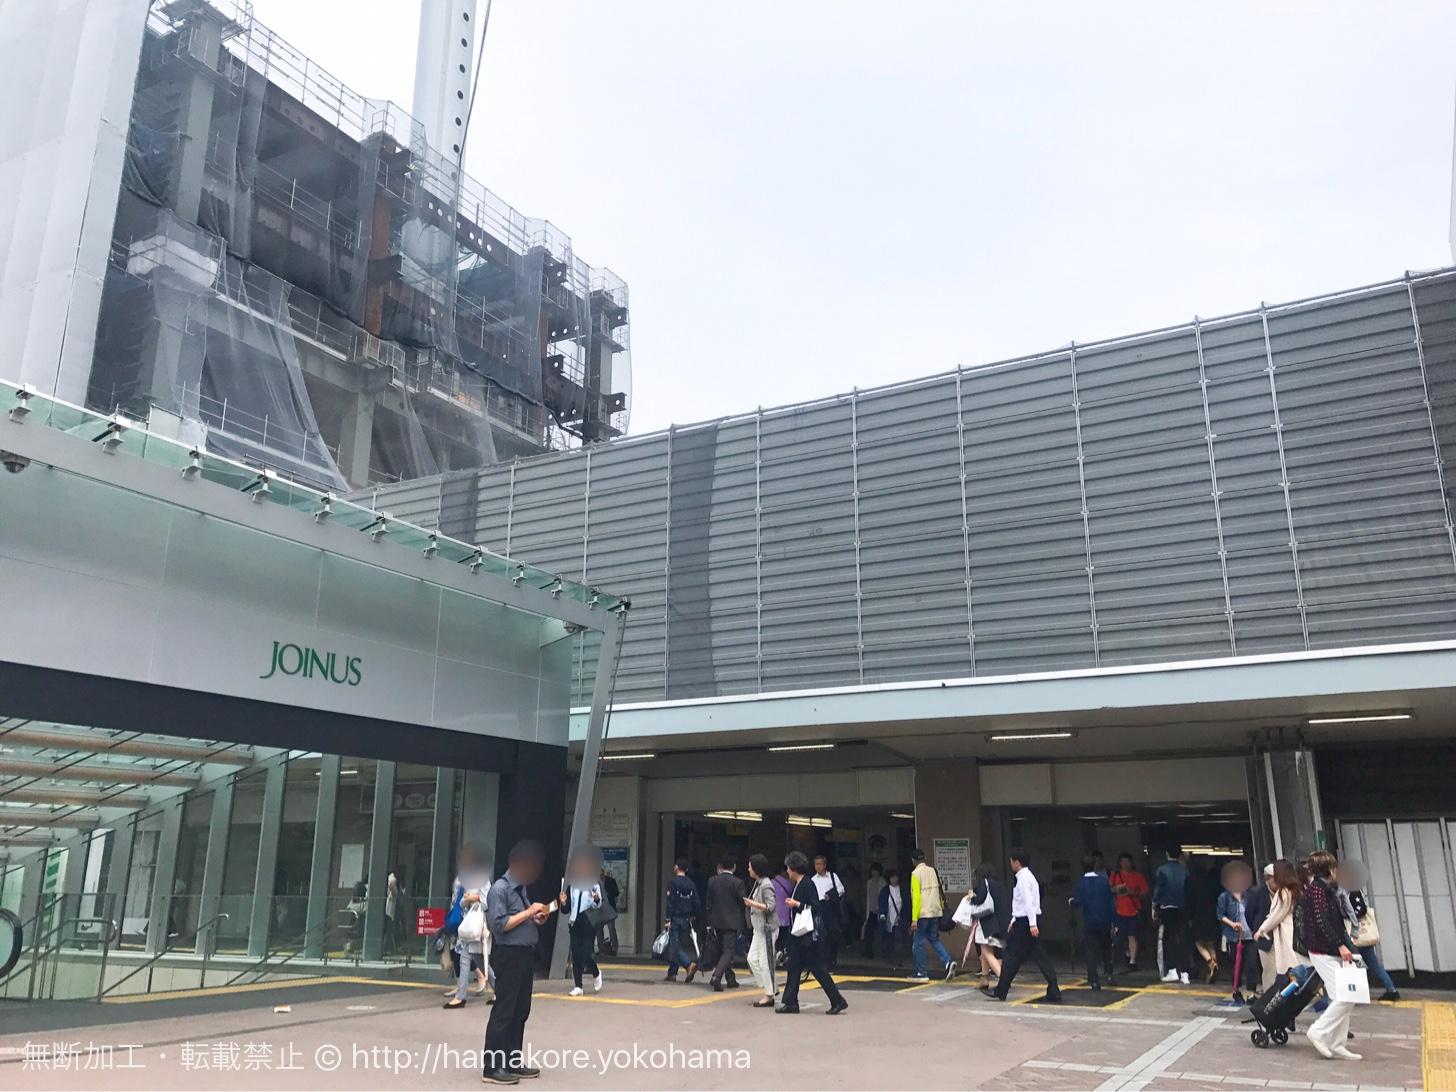 横浜駅西口から地上への階段が2017年6月11日より工事のため変更!だいぶ狭くなりそう…